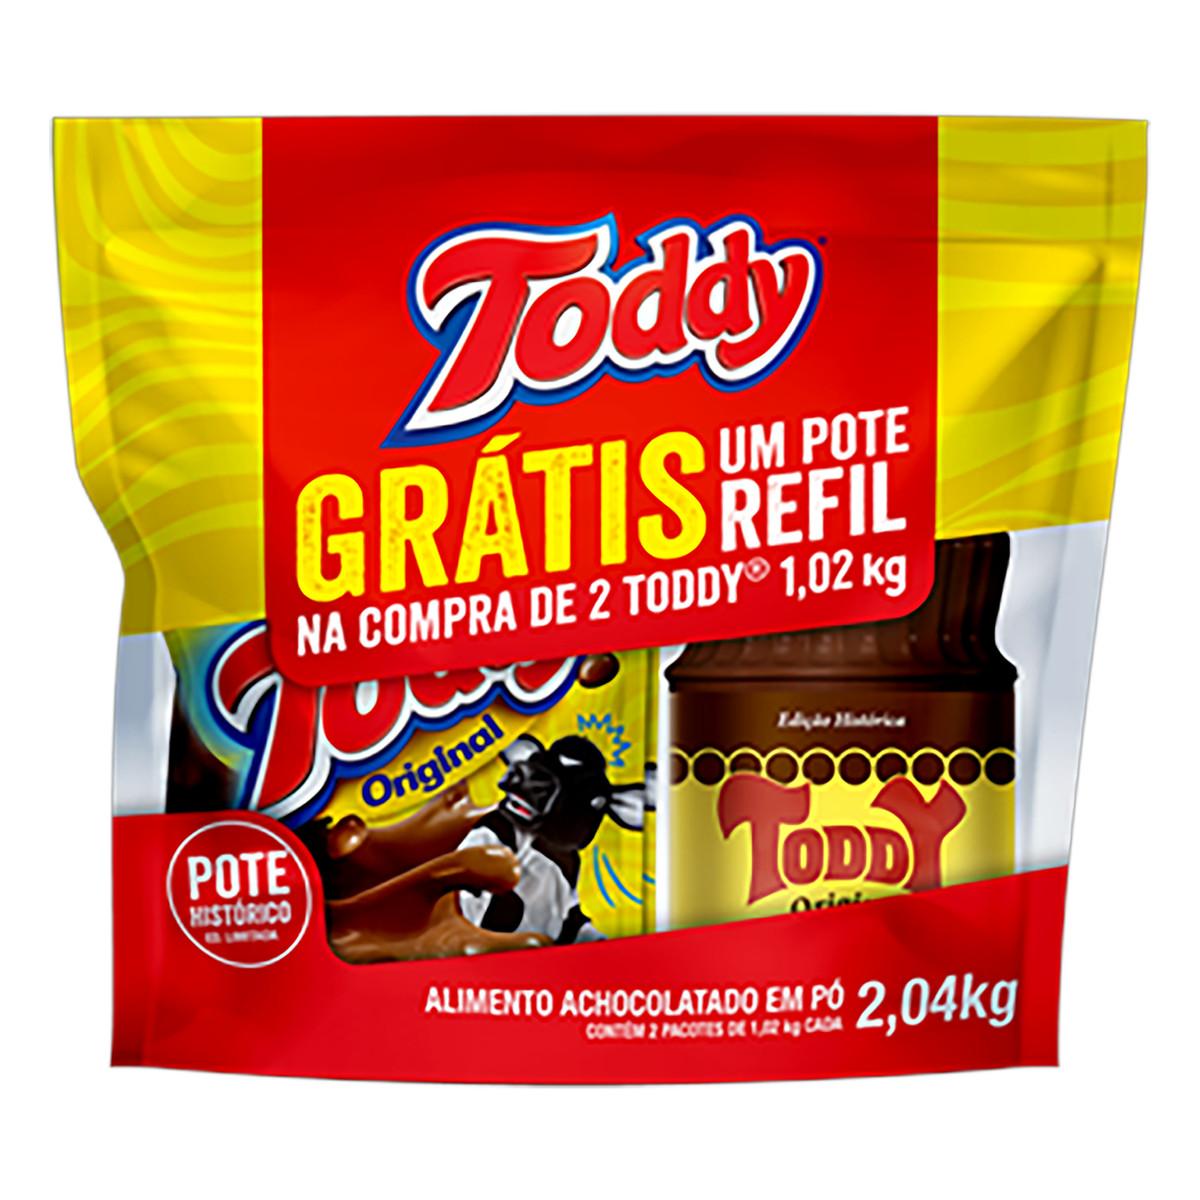 Achocolatado Kit (2 pacotes de 1020g e um pote) Toddy sachê UN